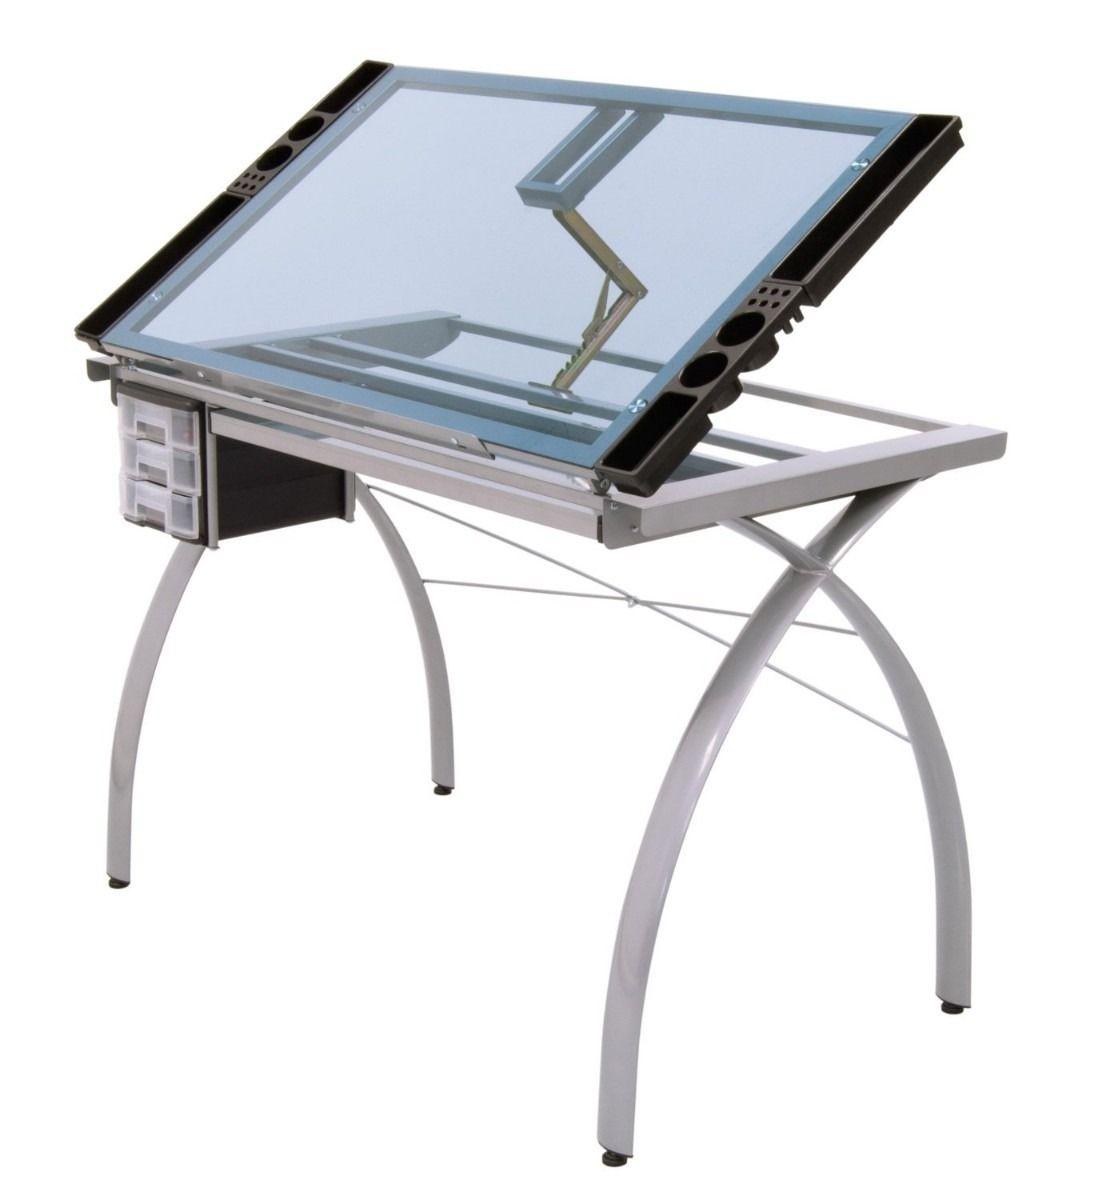 Mesa para dibujo art stico de cristal escritorio dibujar for Tableros para escritorios